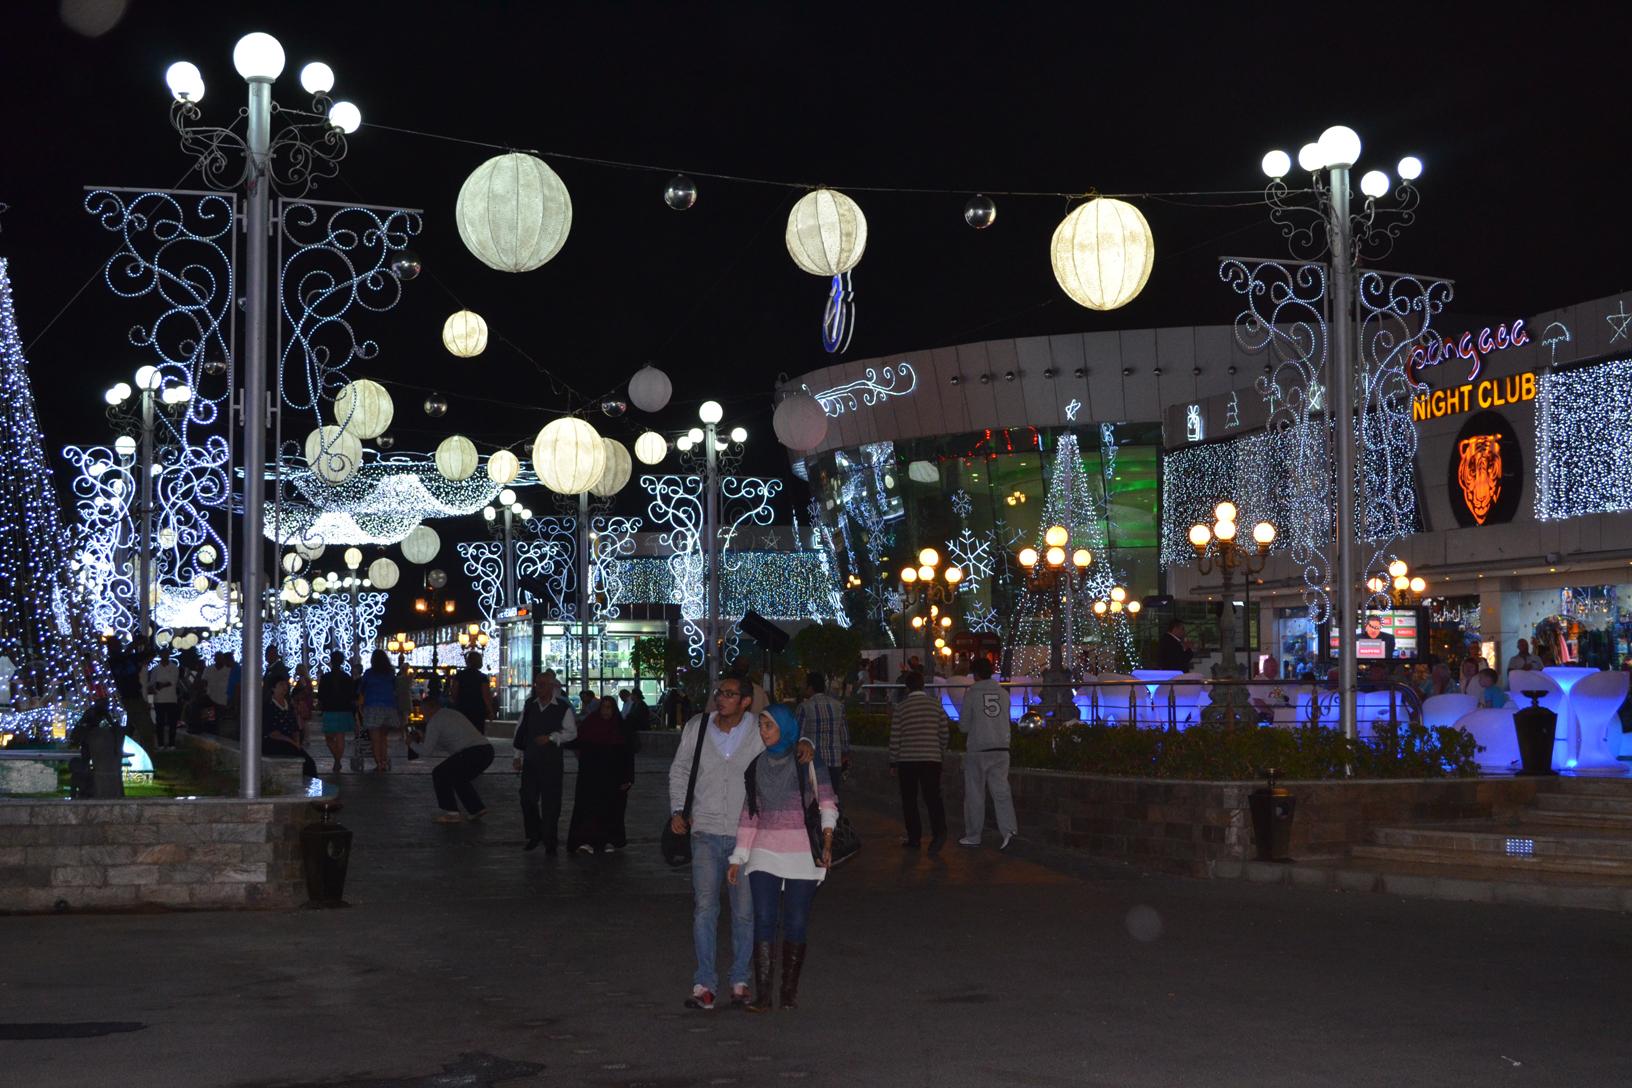 At Soho square in Sharm el Sheikh